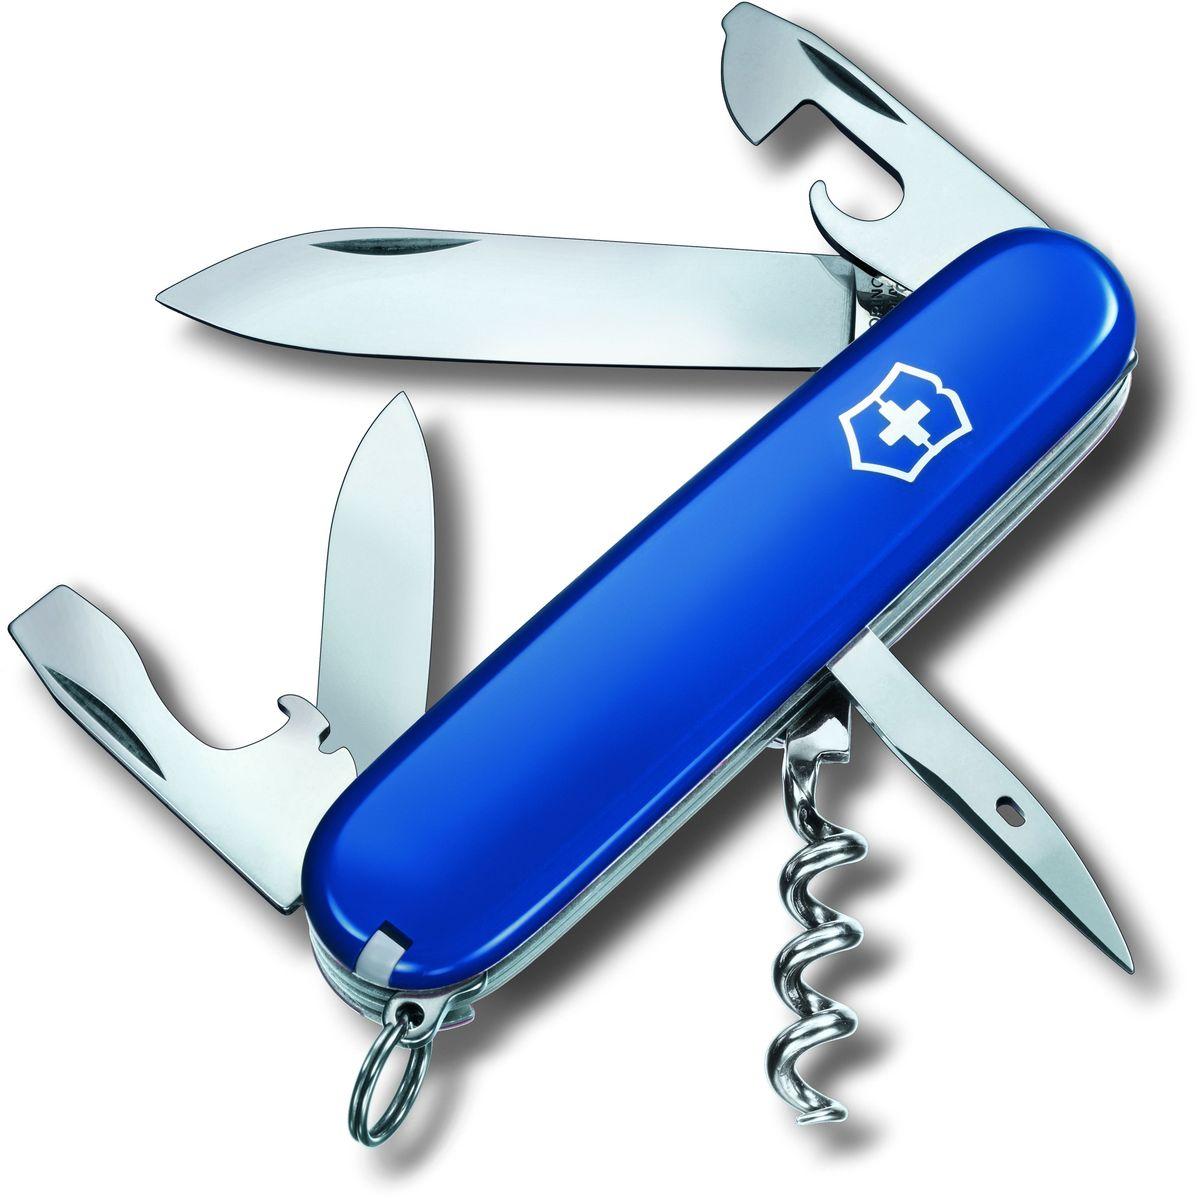 Нож перочинный Victorinox Spartan, 12 функций, цвет: синий, длина клинка 68 мм1.3603.2Маленький красный карманный нож с эмблемой креста на щите на рукояти — самый узнаваемый символ компании Victorinox.В 1897 году основатель компани Карл Эльзенер разработал первый «Швейцарский армейский нож».Более 130 лет компания Victorinox разрабатывает продукты,которые не просто уникальны по дизайну и качеству,но и способны стать верными спутниками по жизни как для великих,так и для небольших приключений. VICTORINOX Арт. 1.3603.2 Швейцарский армейский нож SPARTAN имеет 12 функций: 1. Большое лезвие 2. Малое лезвие 3. Штопор 4. Консервный нож с: 5. – Малой отвёрткой 6. Открывалка для бутылок с: 7. – Отвёрткой 8. – Инструментом для снятия изоляции 9. Шило, кернер 10. Кольцо для ключей 11. Пинцет 12. Зубочистка Цвет рукояти:синий Рекомендуемые чехлы: 4.0480.1, 4.0480.3, 4.0520.1, 4.0520.3, 4.0520.31, 4.0543.3, 4.0736 Рекомендуемые аксессуары: Инструмент для заточки: 4.3311, 4.3323, 4.0567.32 Держатели на ремень: 4.1853, 4.1858, 4.1859, 4.1860 Цепочки длинные: 4.1813, 4.1814, 4.1815...